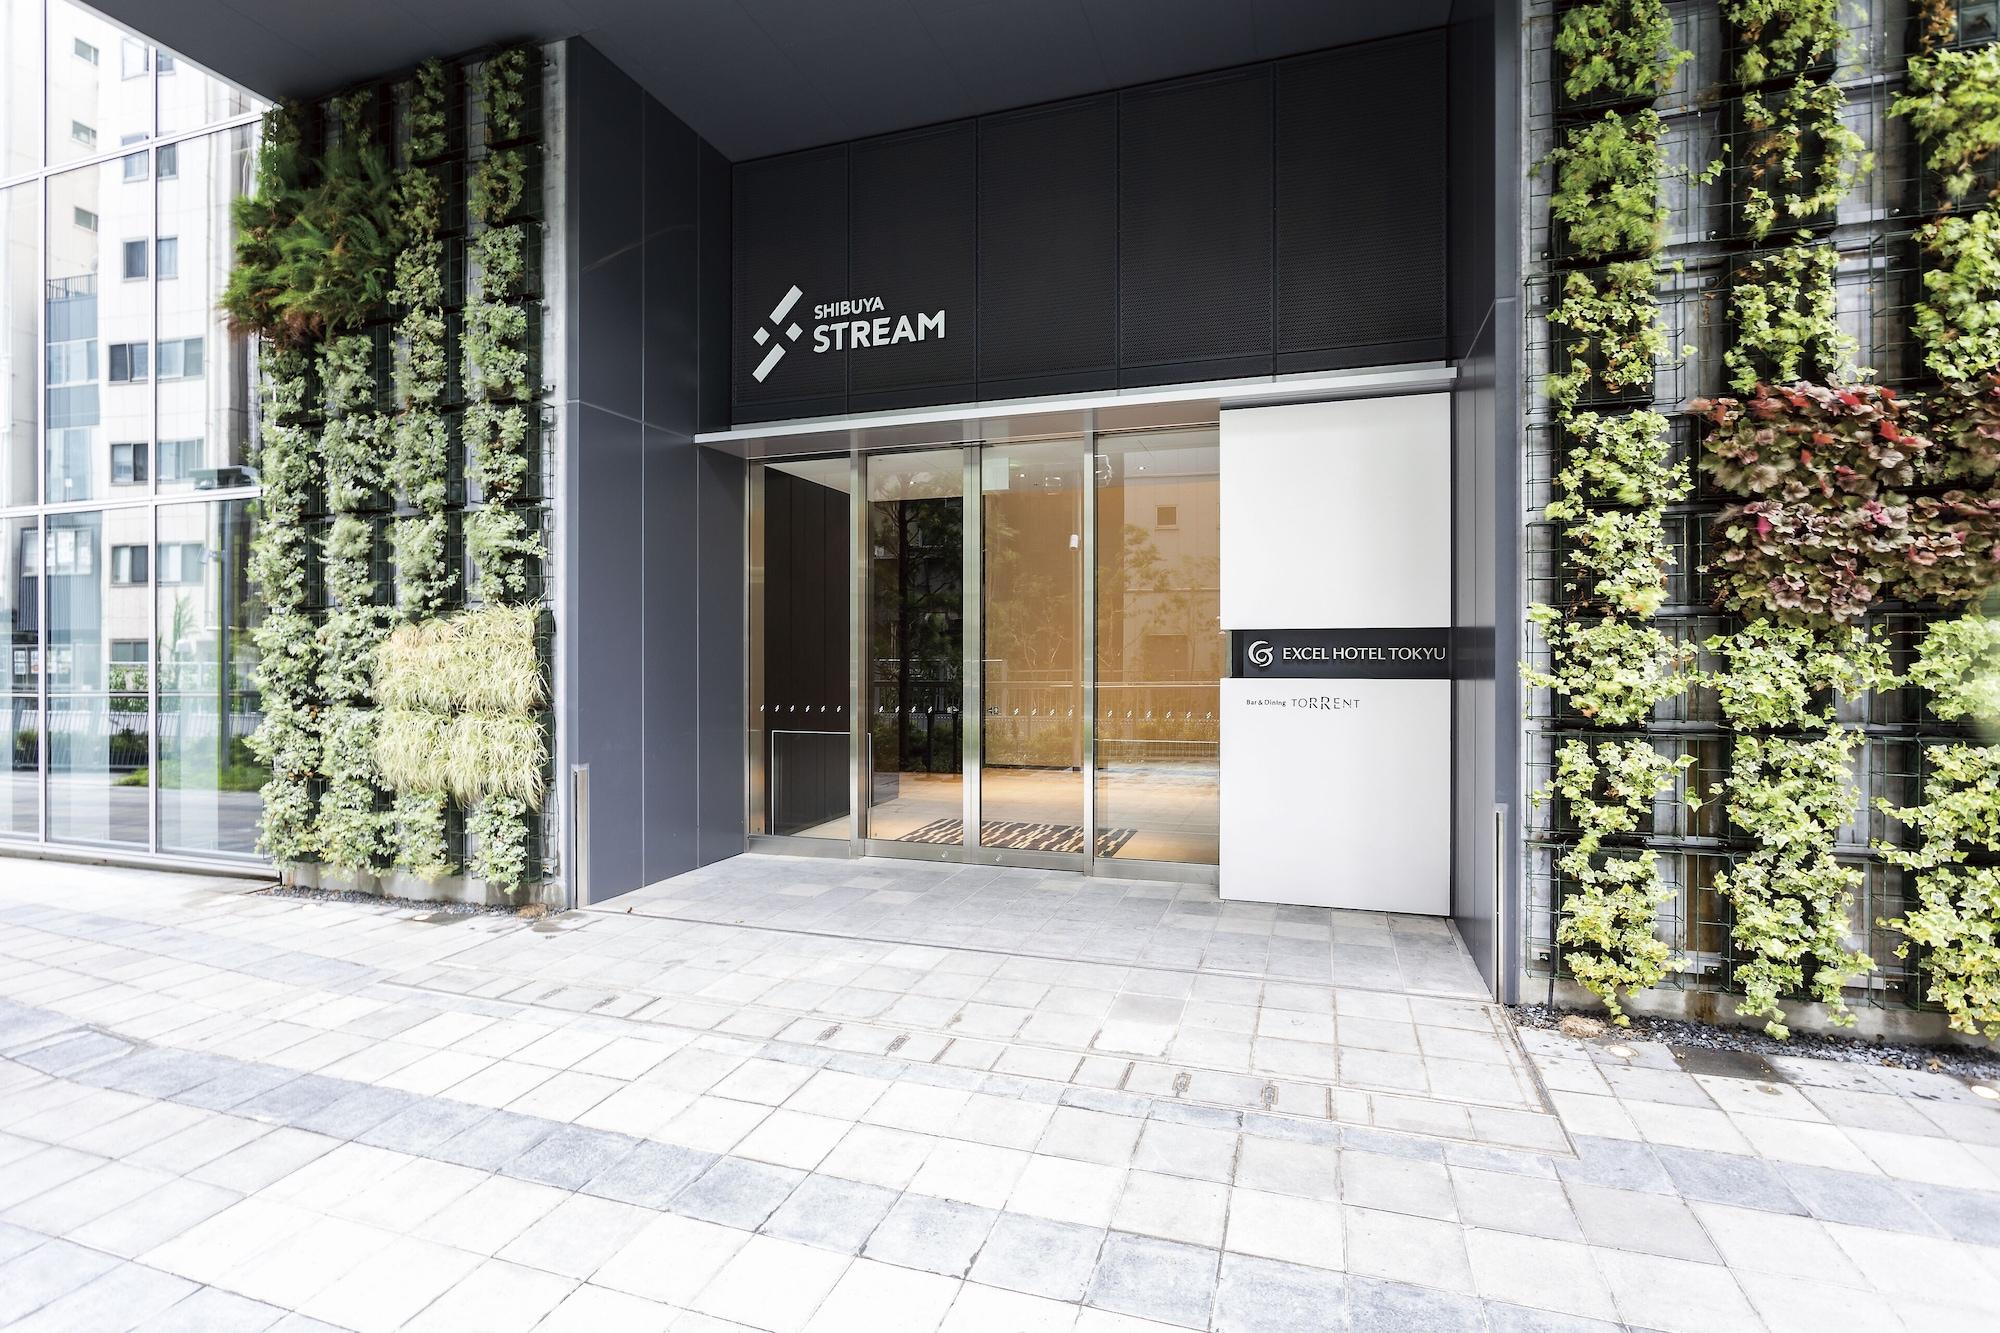 SHIBUYA STREAM EXCEL HOTEL TOKYU, Shibuya